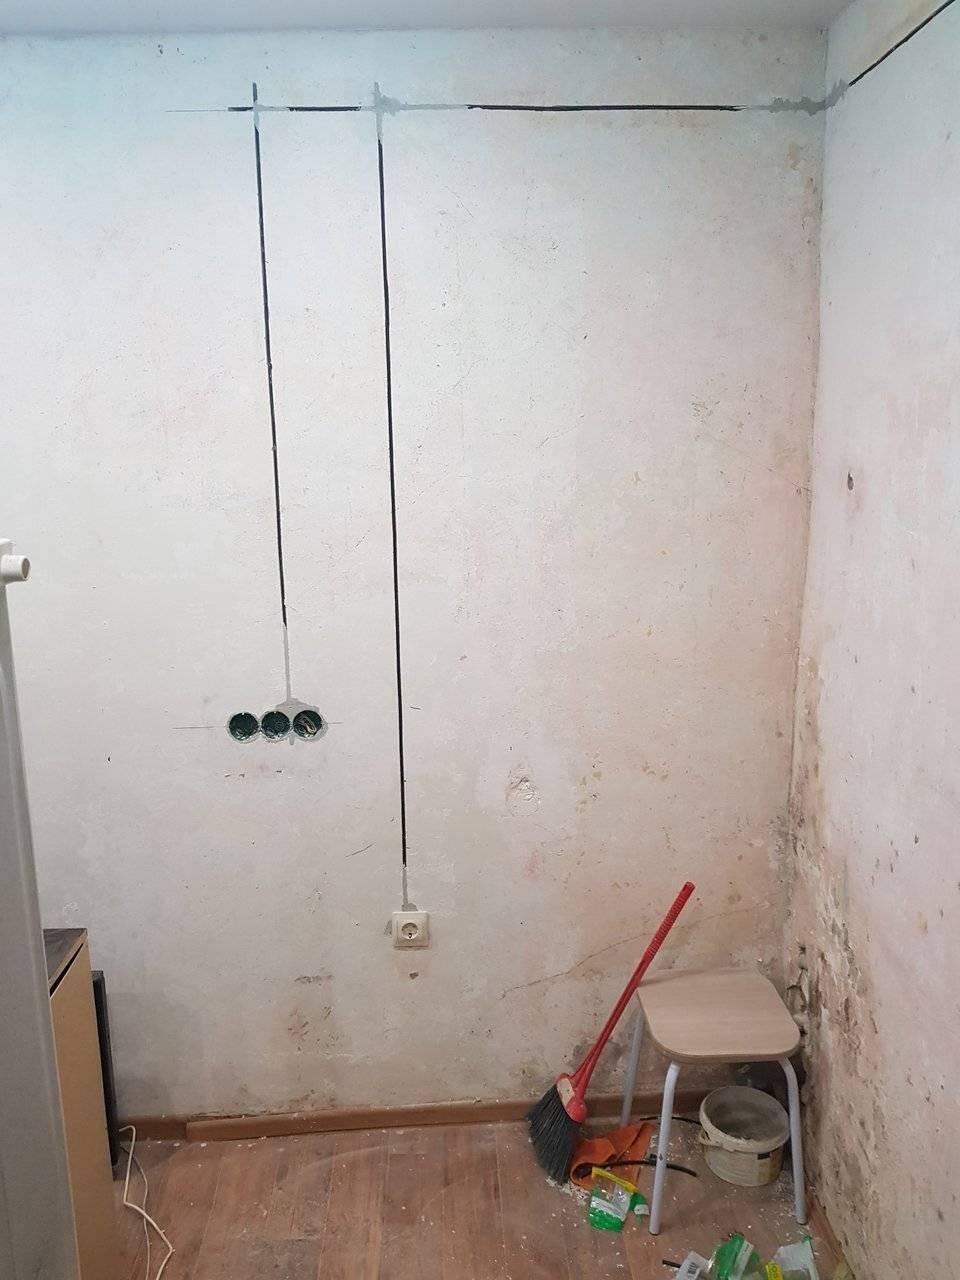 Можно ли штробить стены в панельном доме под проводку